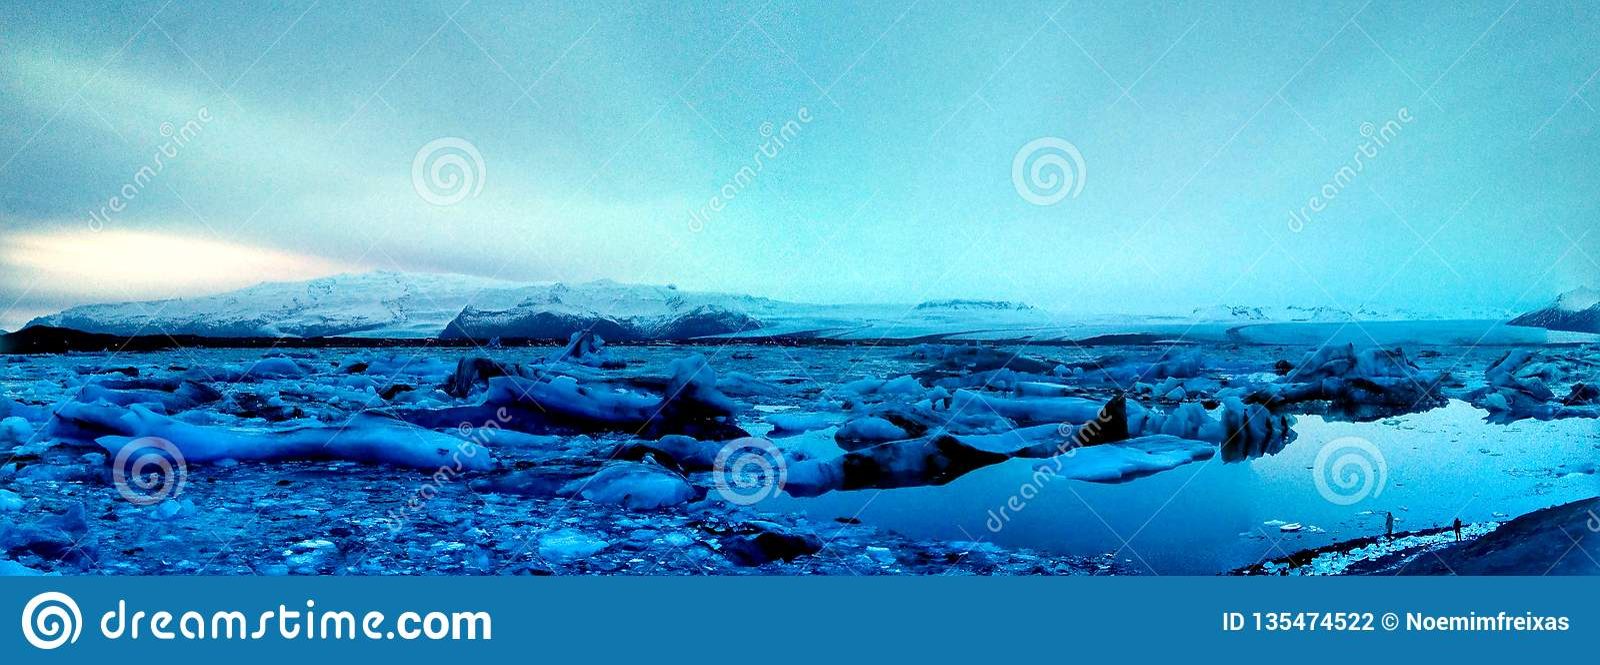 Gór lodowych Voyagers